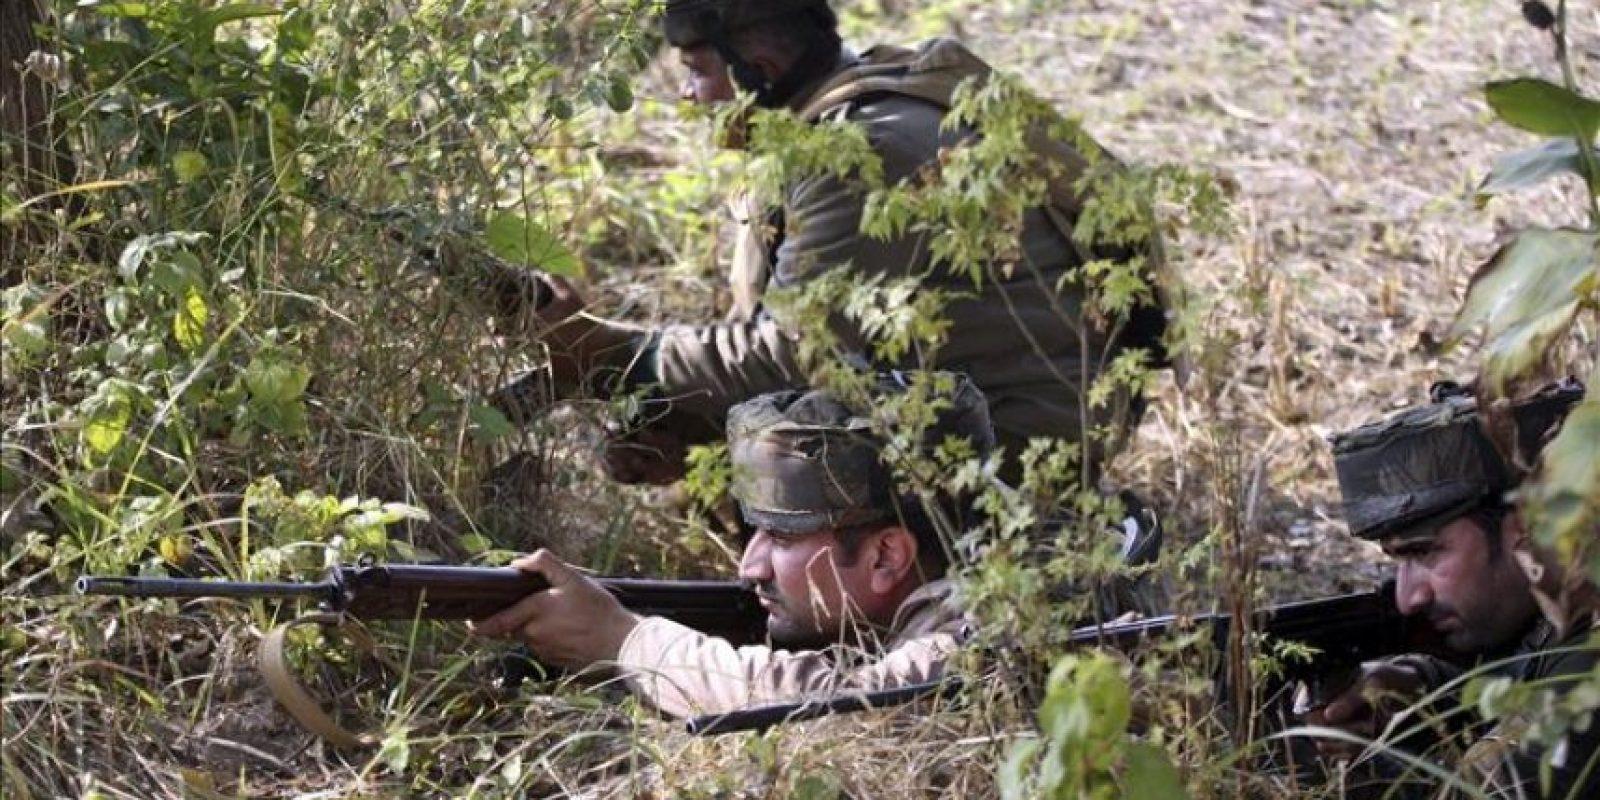 Unos soldados paramilitares indios toman posiciones durante un ataque de insurgentes en Pindi Khathar, Ramgarh, a unos 40 kilómetros de Jammu, en la zona de Cachemira administrada por la India, hoy, jueves 27 de noviembre de 2014. EFE